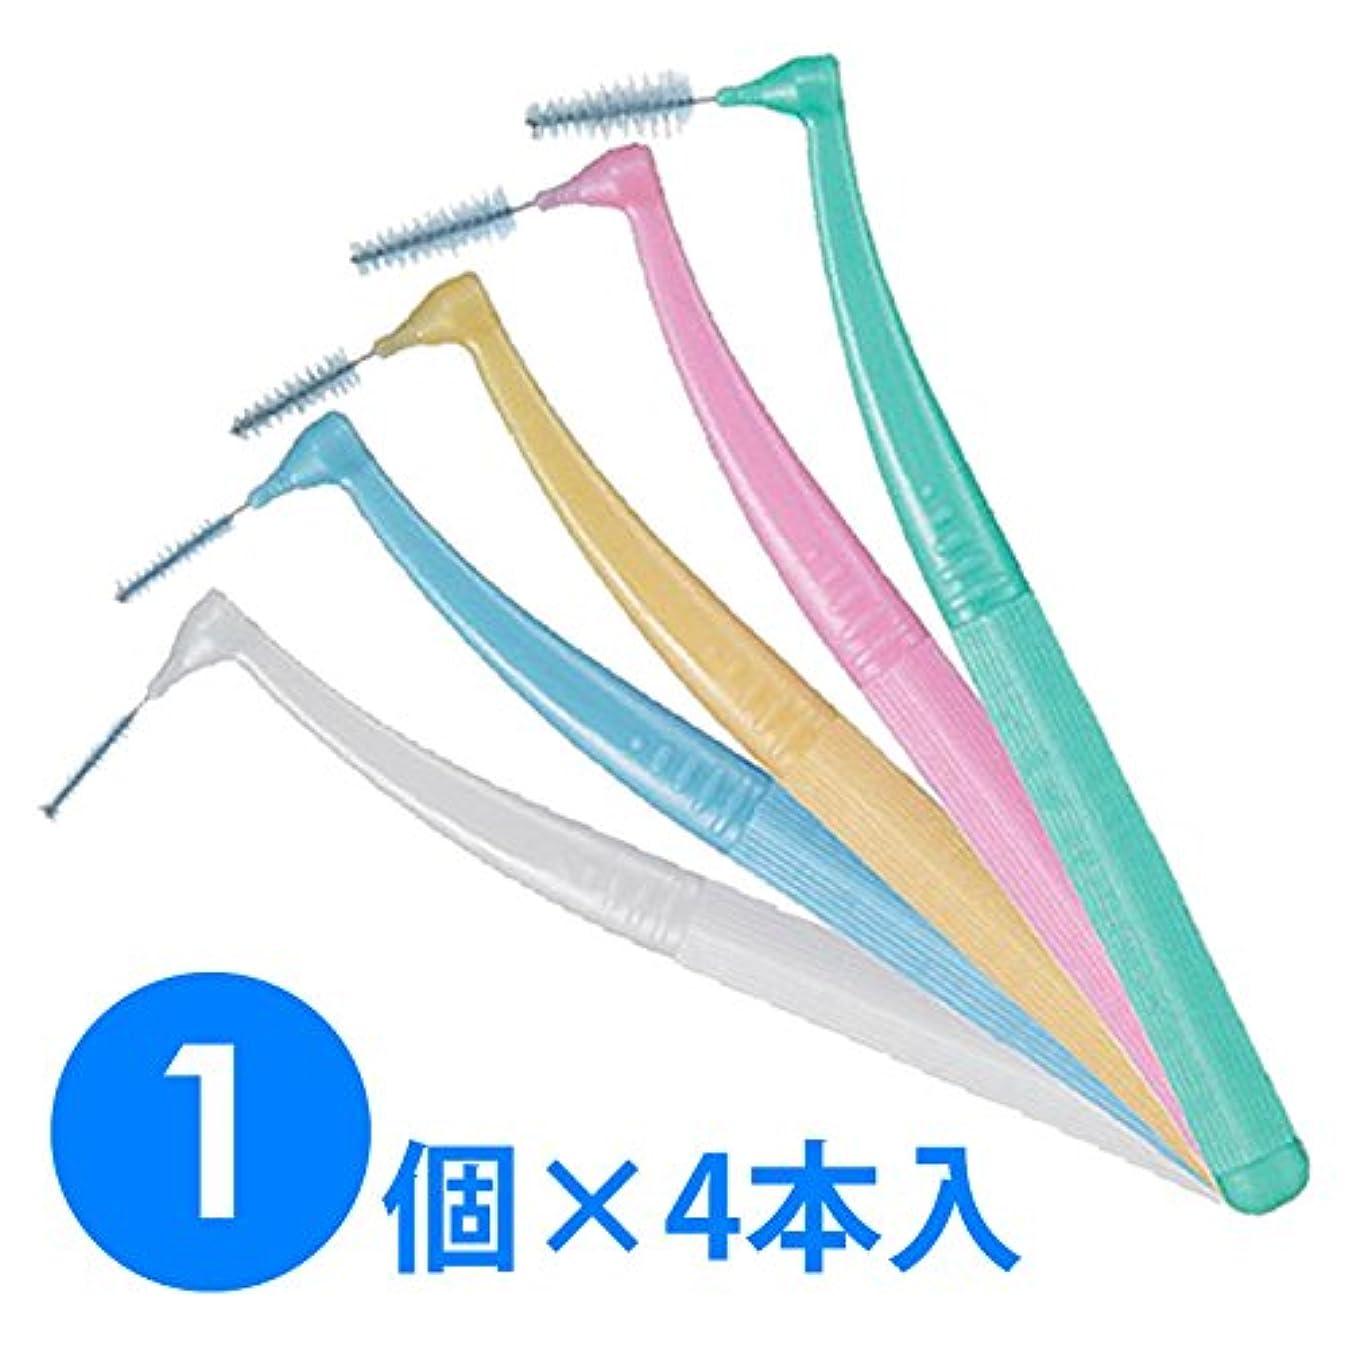 スタッフ汚染された口頭【1個】ガム?プロズ 歯間ブラシL字型 4本入り (SS(2)ブルー)